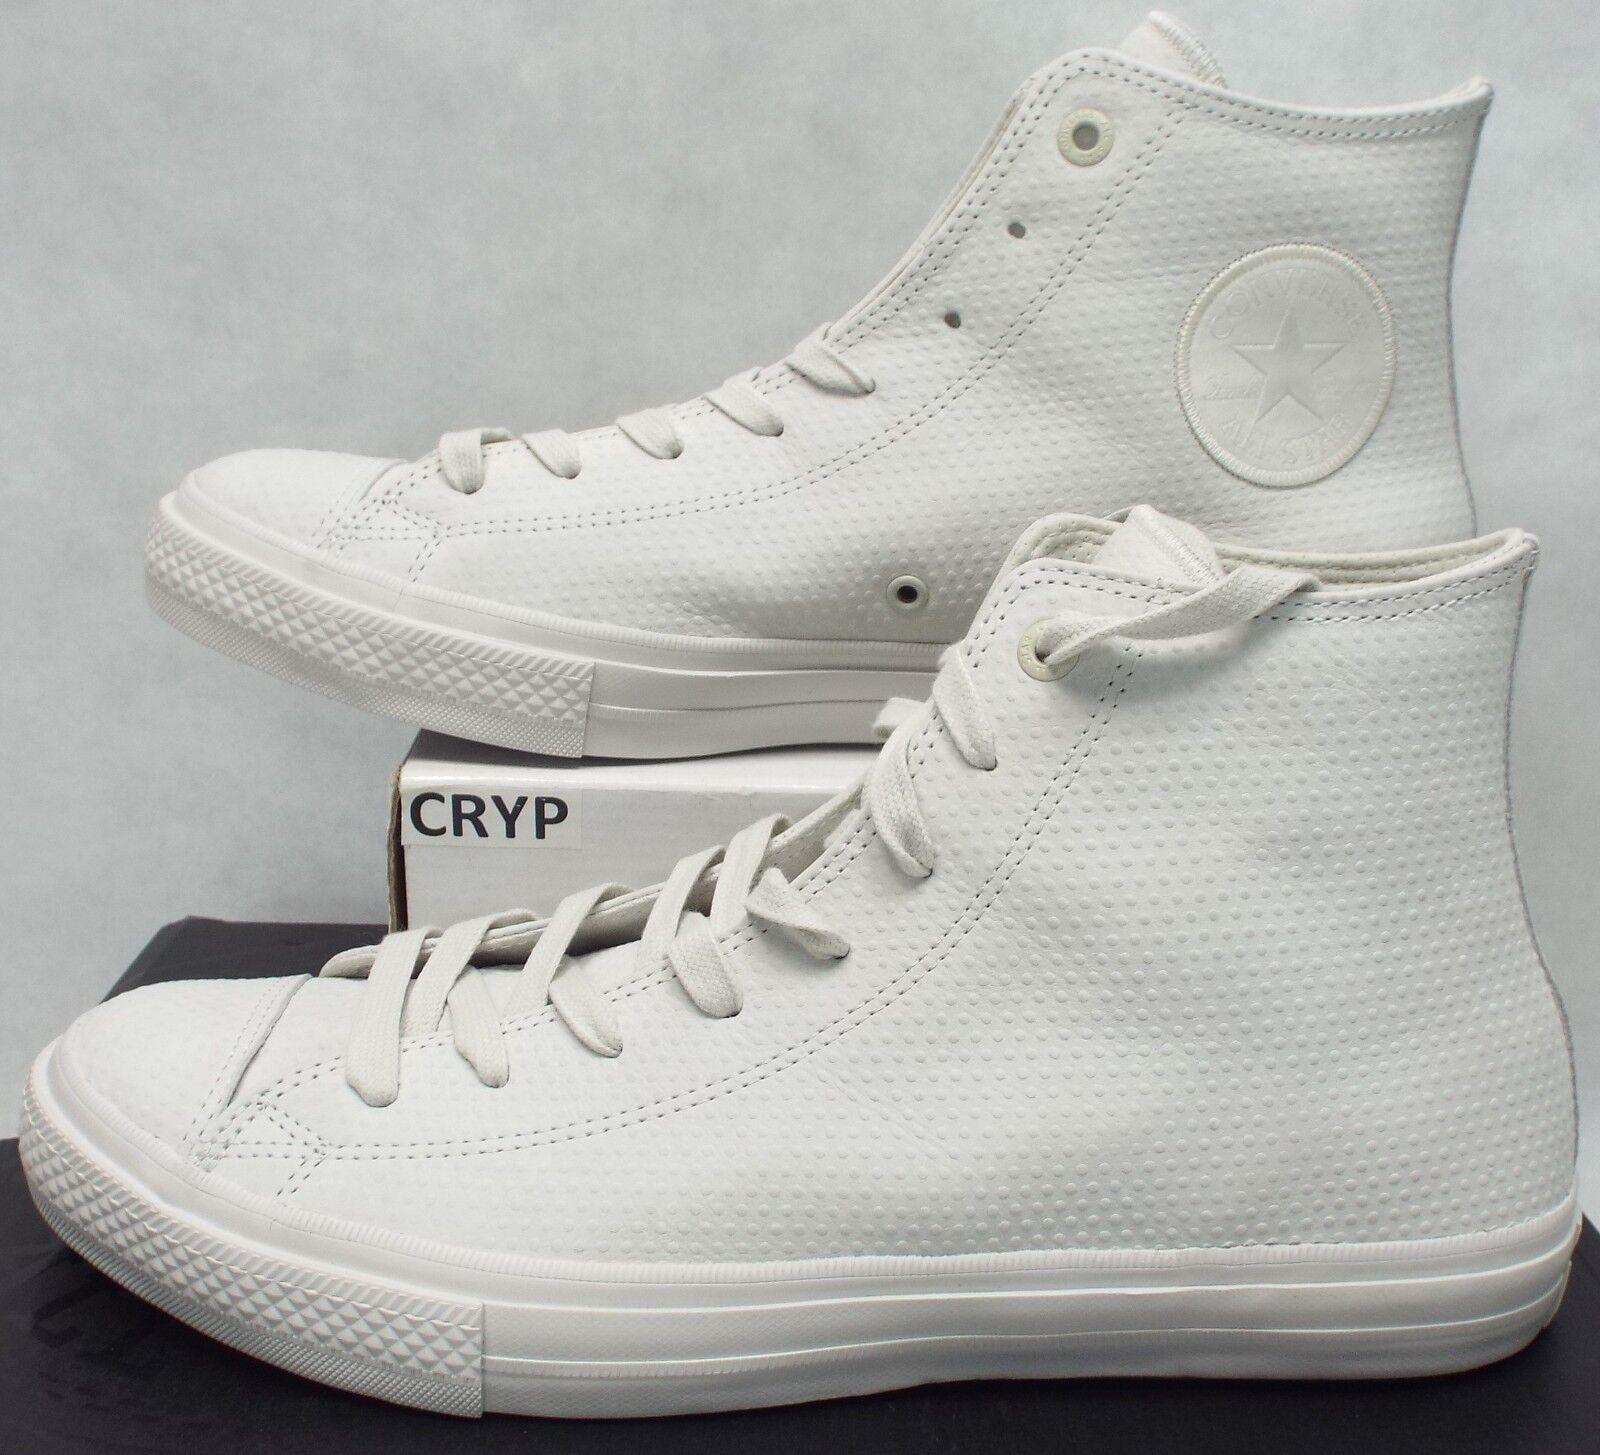 Nuevo Mens 11 Ctas 2 Hi Chuck Taylor All Star Cuero Buff Goma Zapatos 154763 C